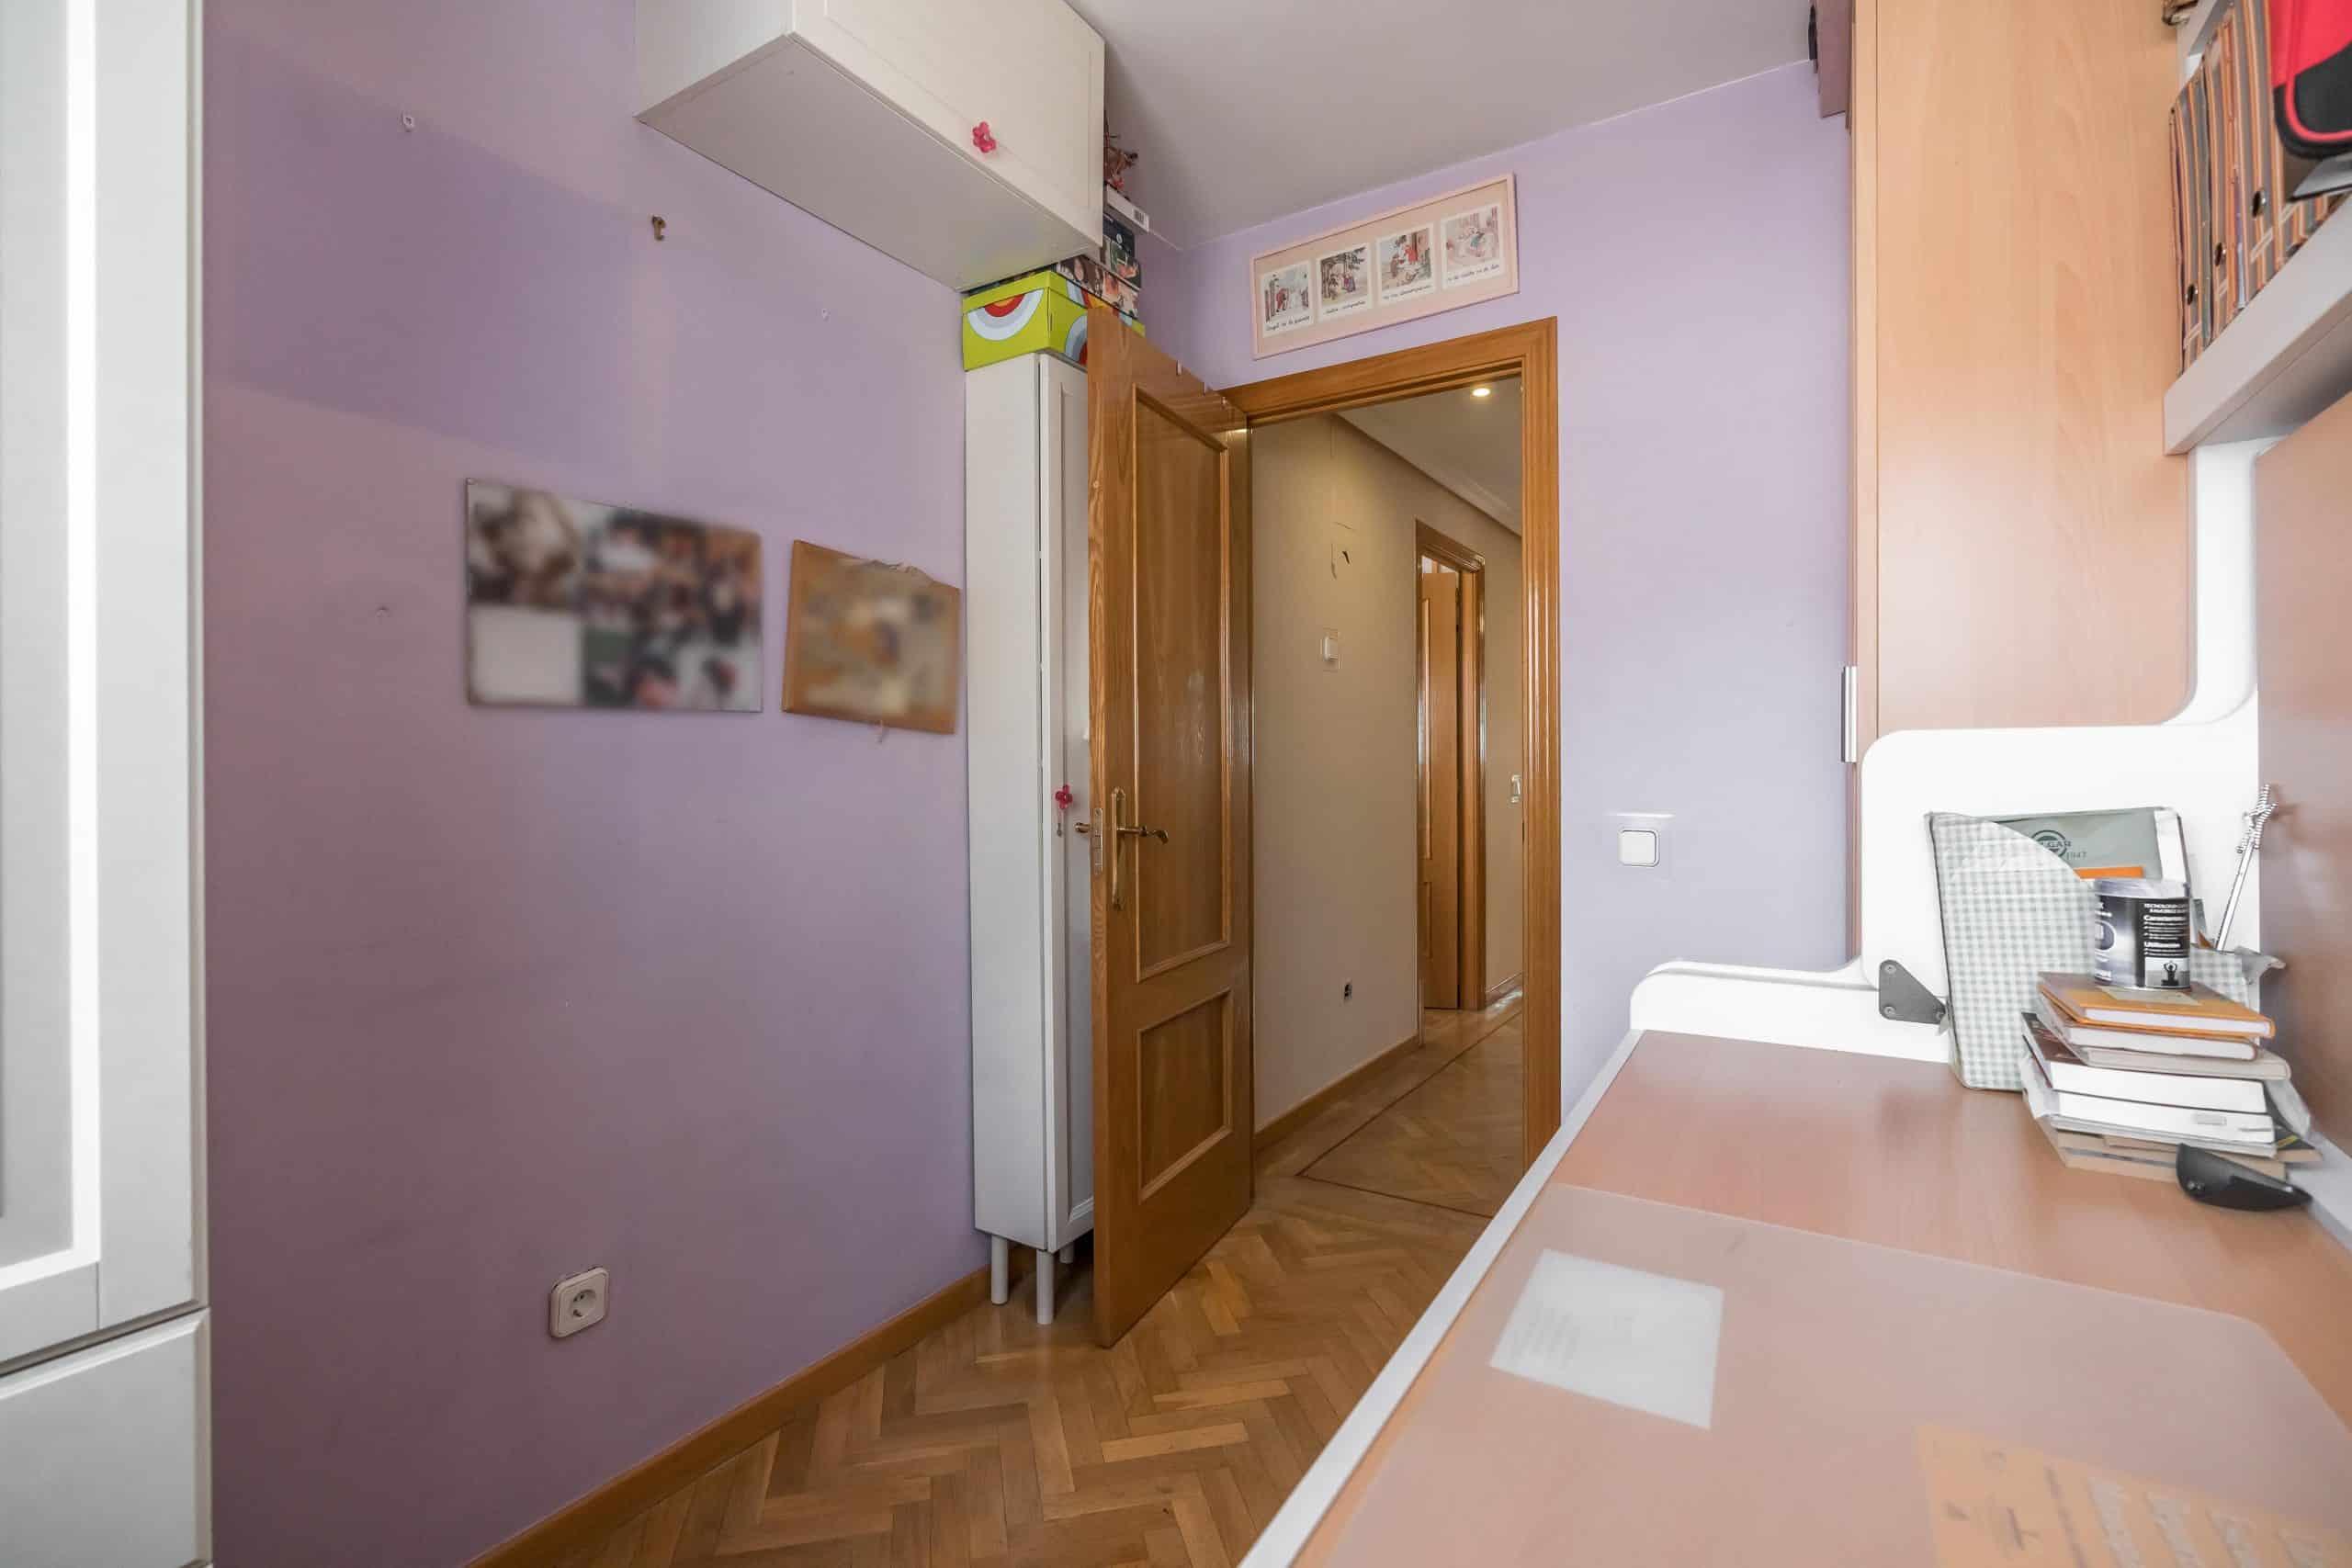 Agencia Inmobiliaria de Madrid-FUTUROCASA-Zona ARGANZUELA-EMBAJADORES-LEGAZPI2 DORMITORIO 3 (3)